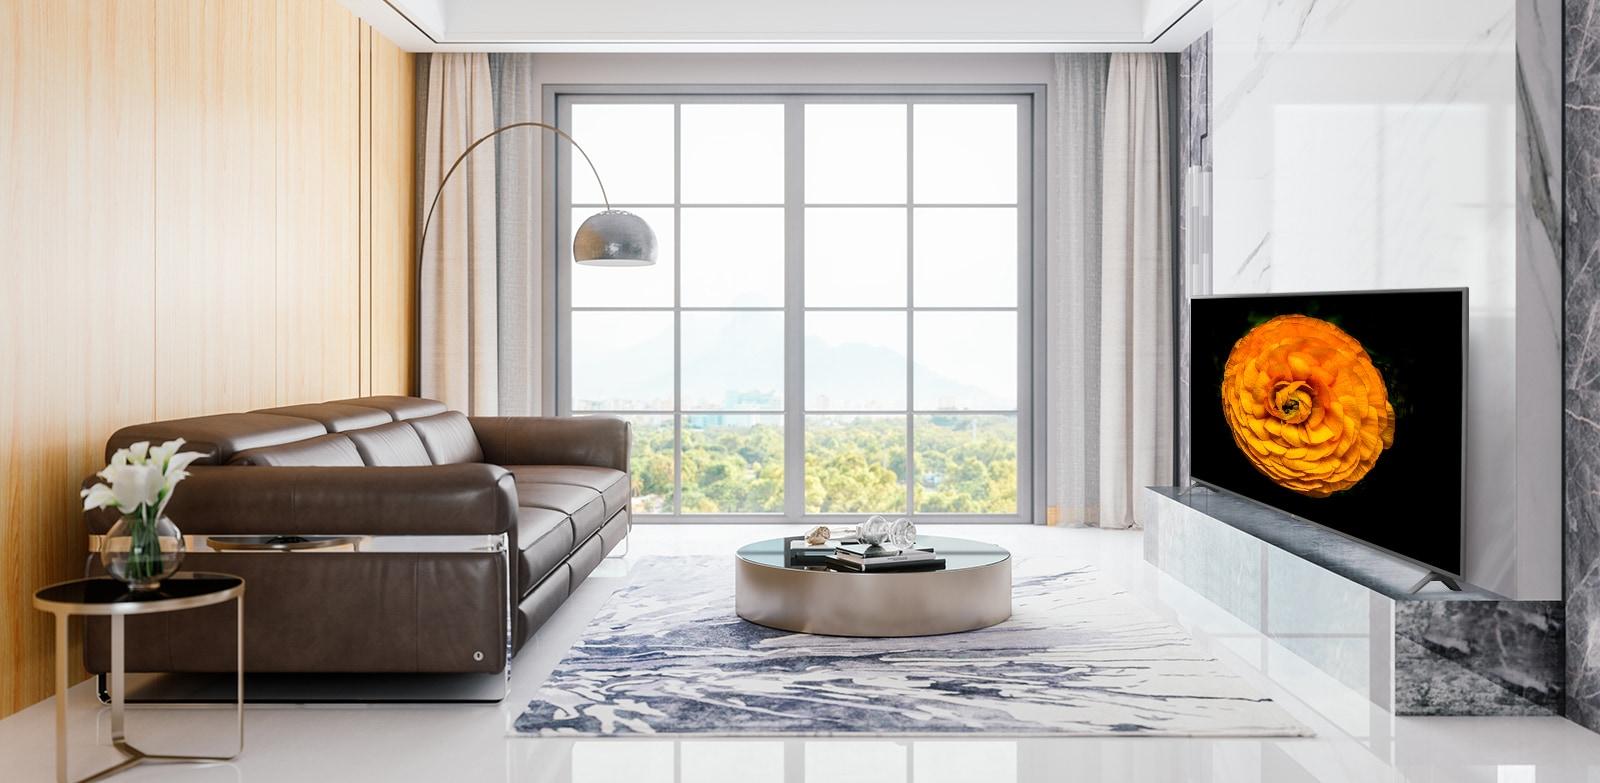 LG UHD televizor, na zidu u dnevnoj sobi sa minimalnim enterijerom. Slika cveta je prikazana na ekranu televizora.